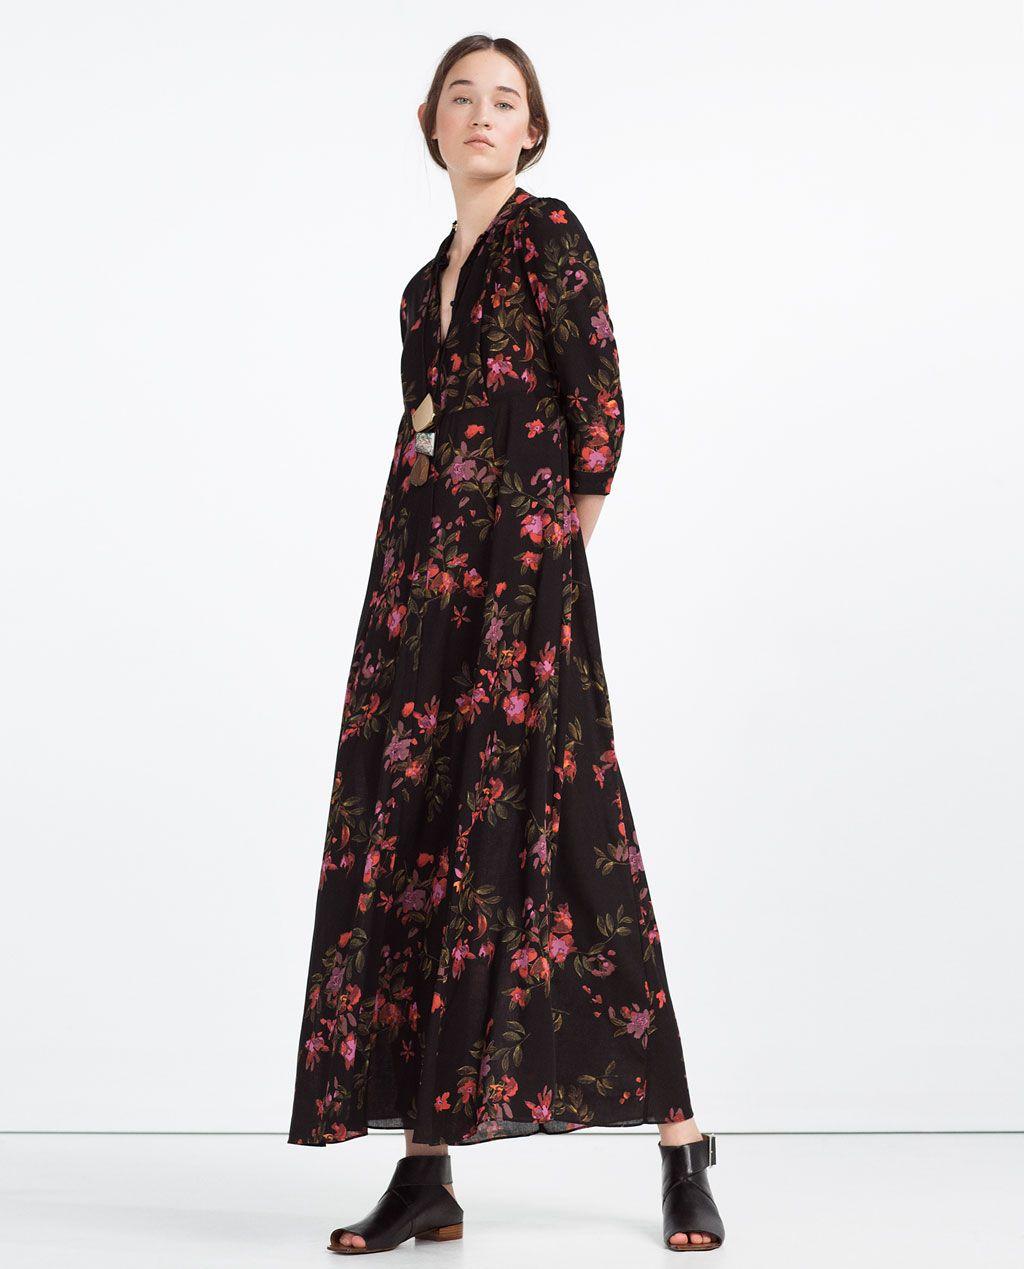 f72da8b4d VESTIDO LARGO ESTAMPADO FLORES-Ver todo-Vestidos-Mujer-COLECCIÓN SS16